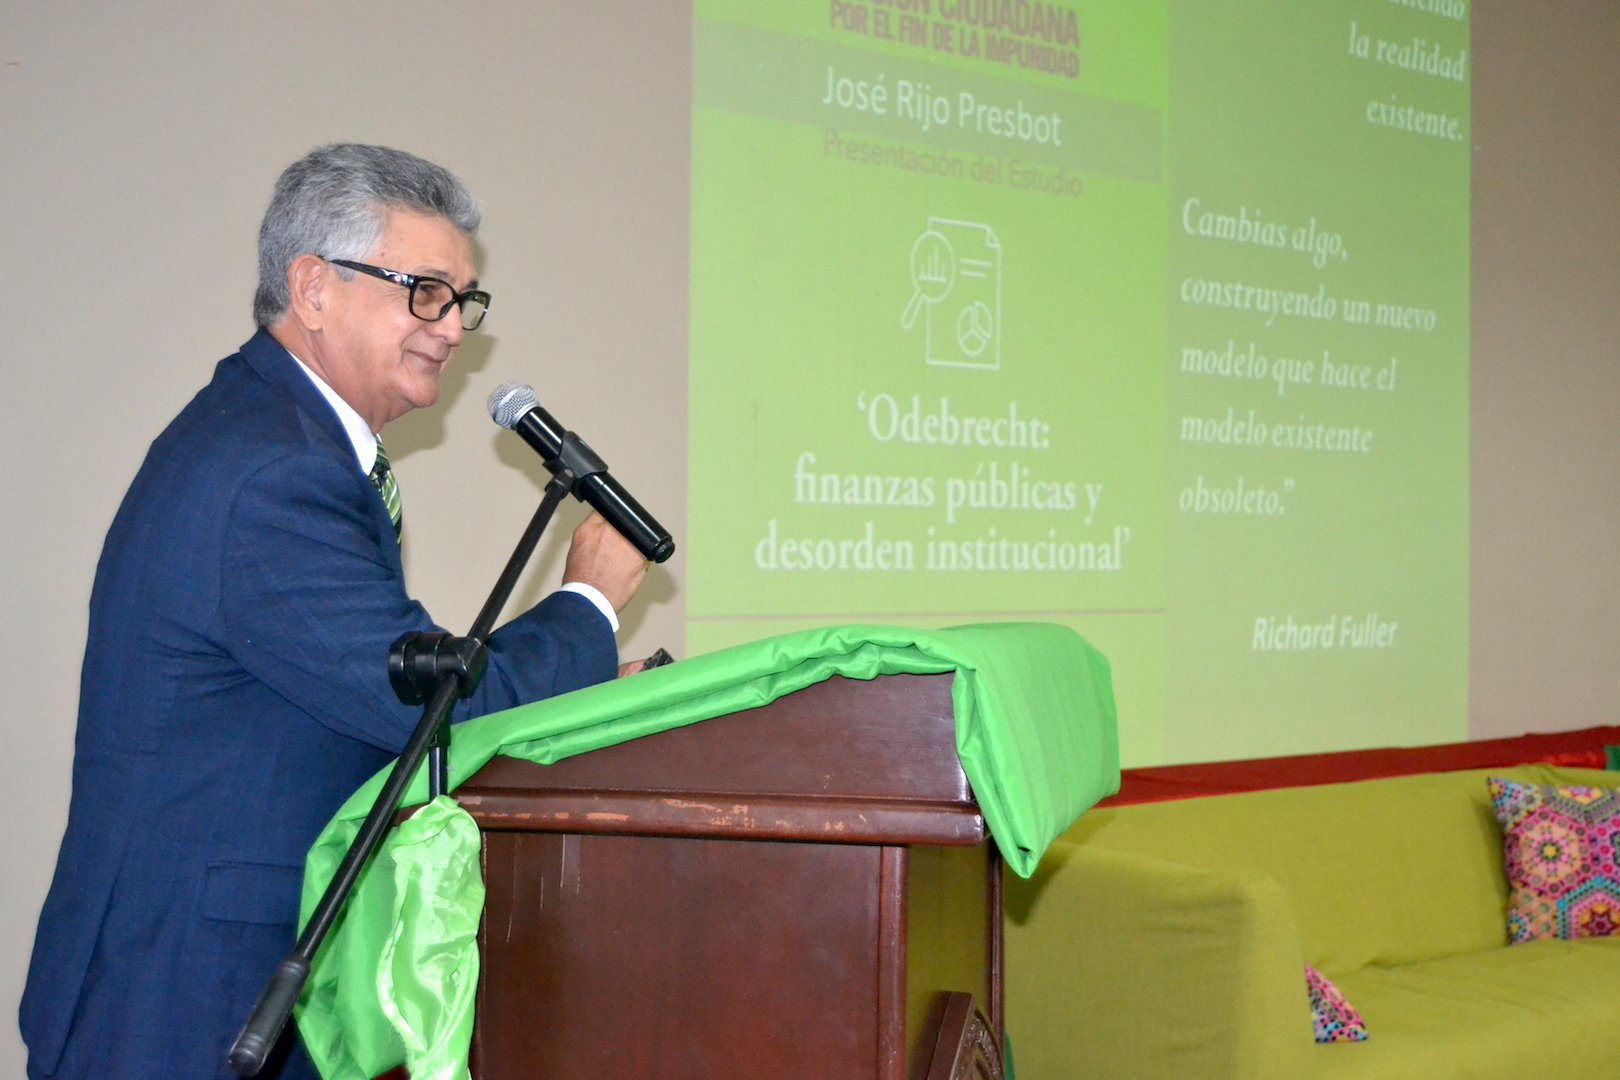 Jose Rijo Presbot economista